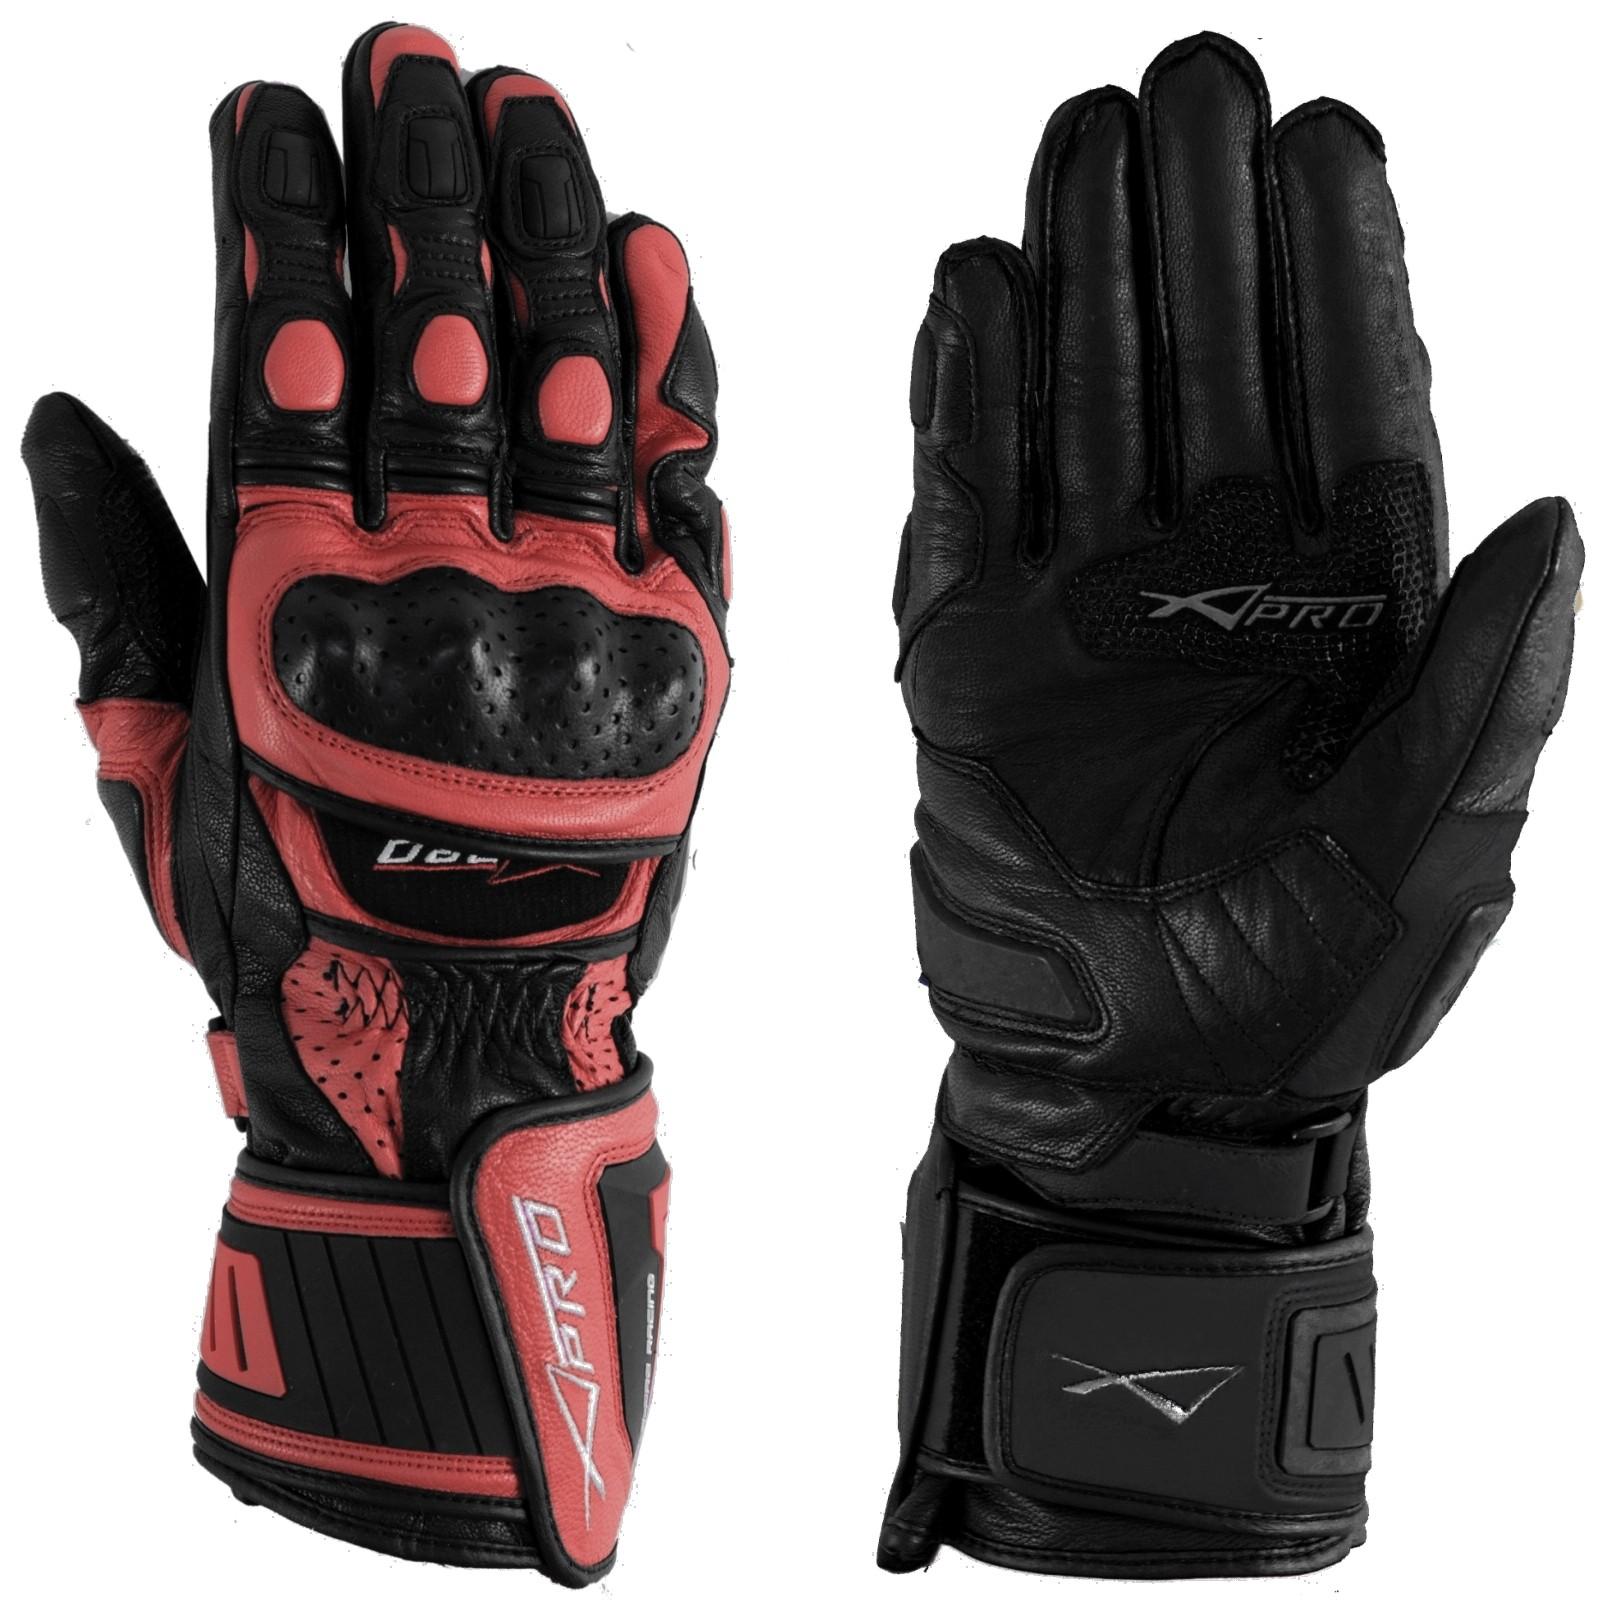 Guanto Pista Racing Sport Protezioni Tecnico Professionali Pelle Moto Rosso